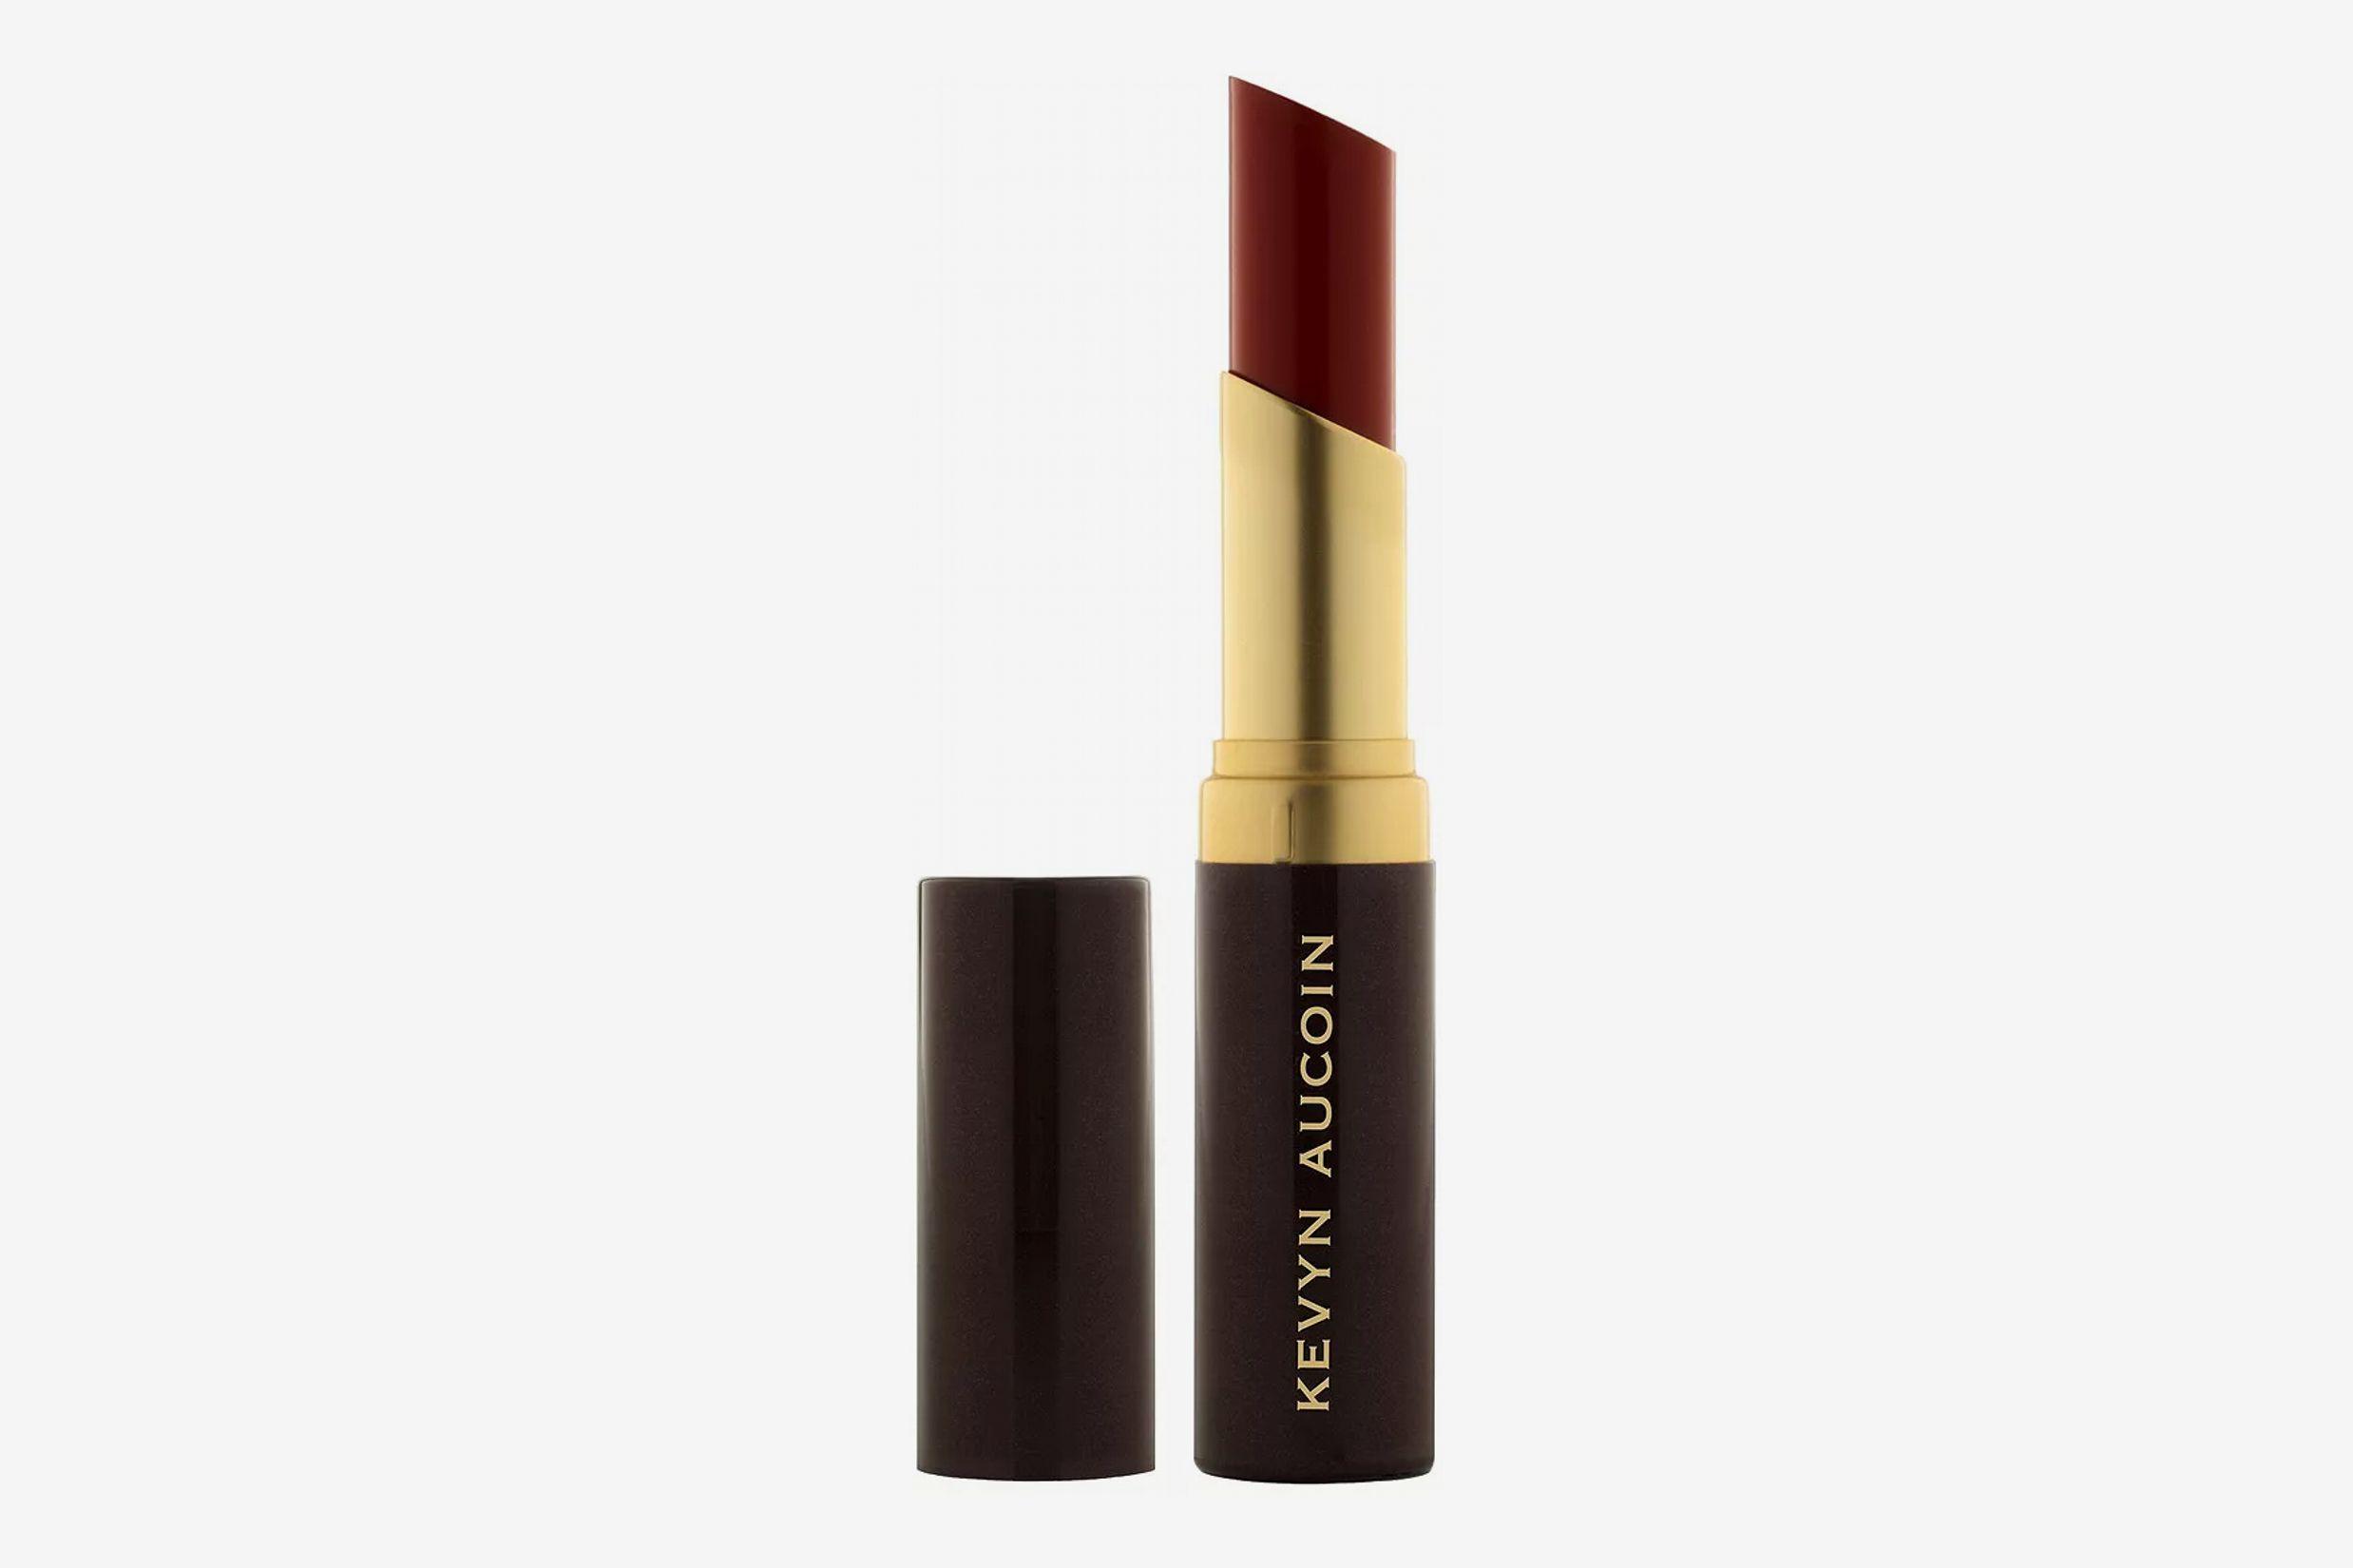 Kevyn Aucoin Matte Lip Color, Bloodroses